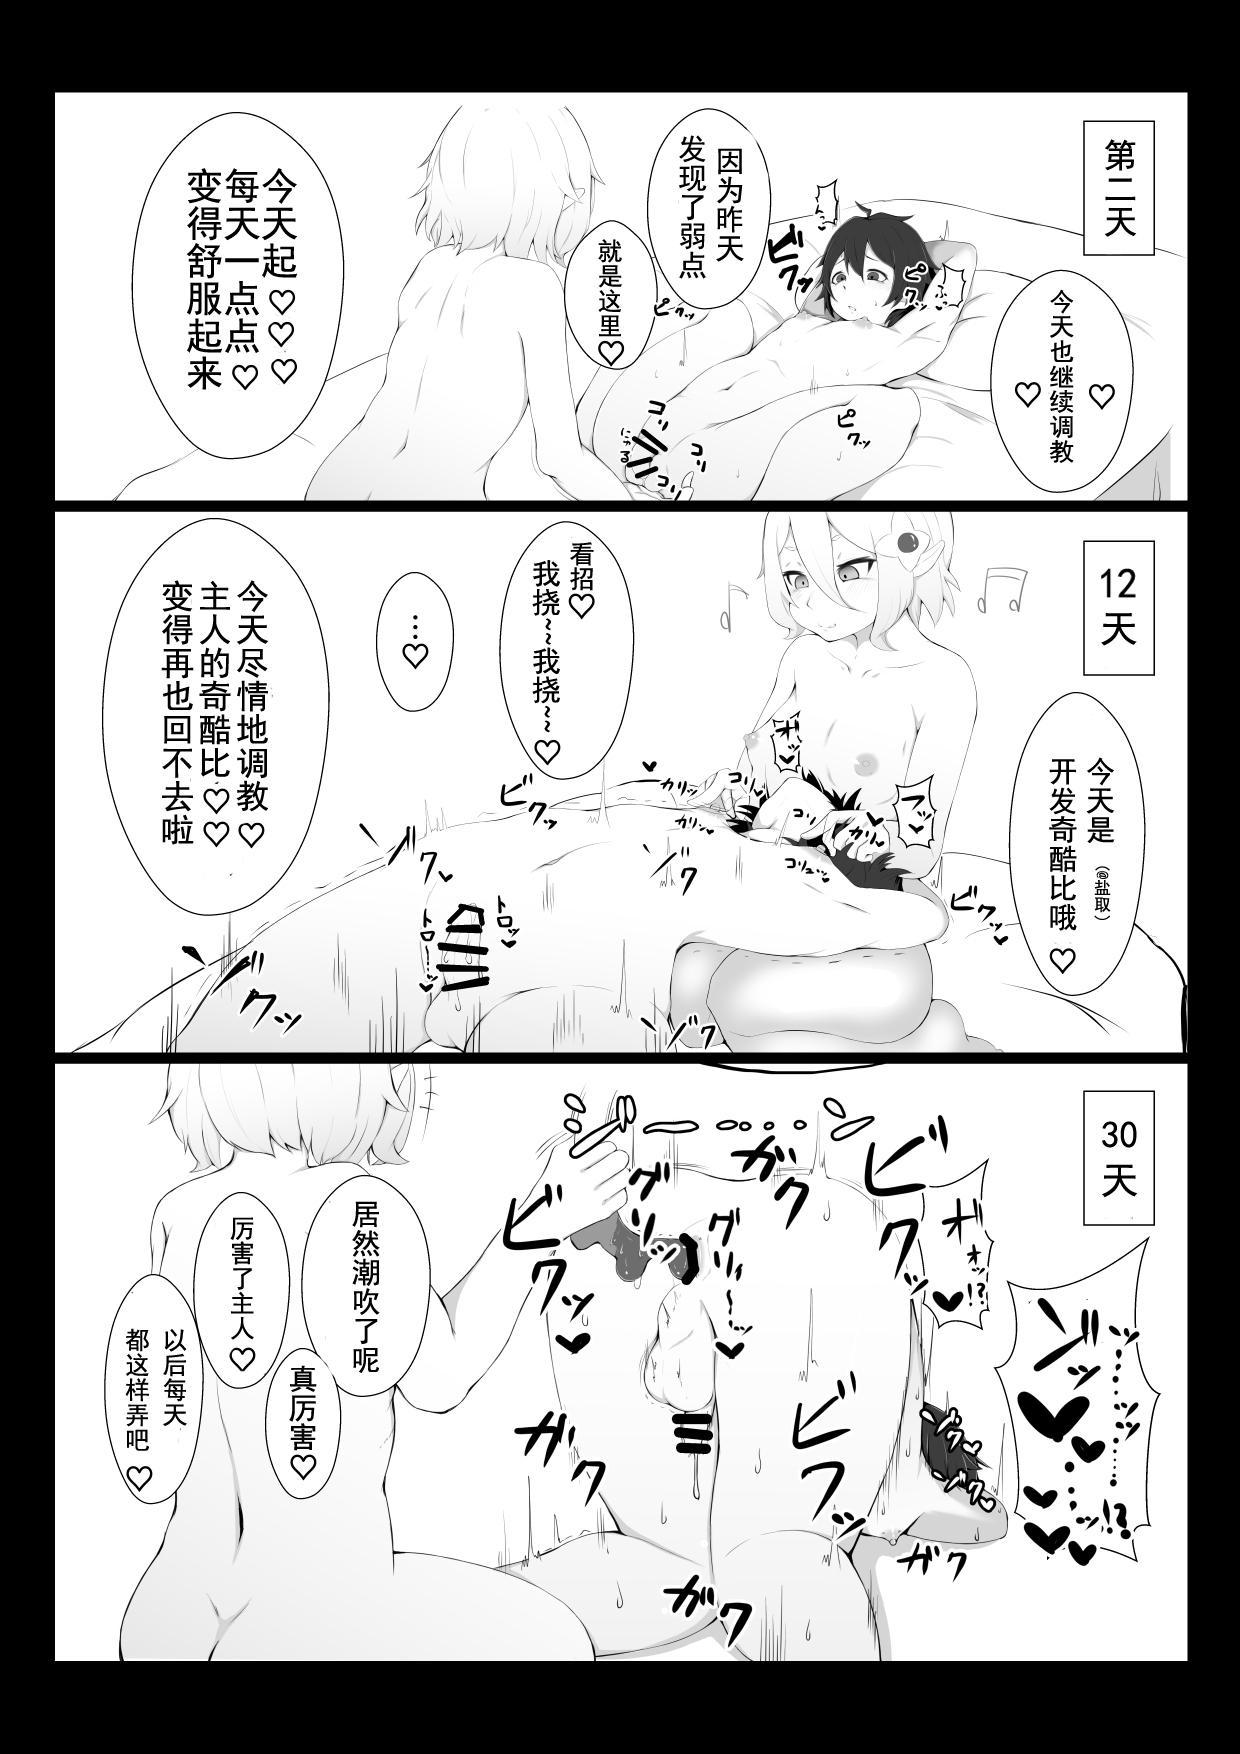 Kokkoro ni Kaihatsu sareru Hon 5